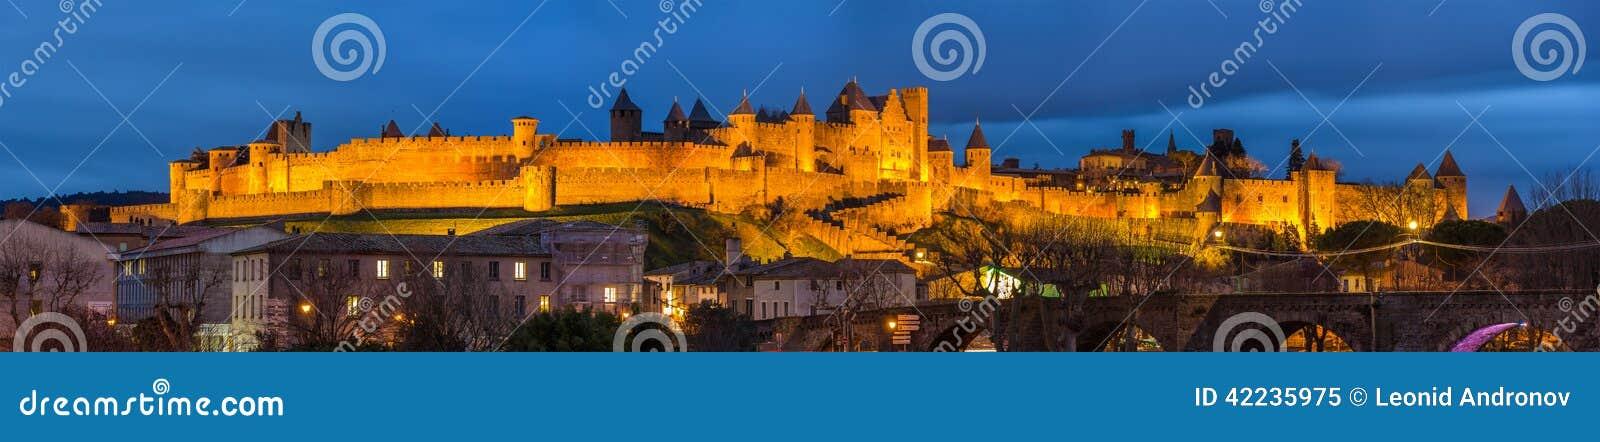 Panorama de la tarde de la fortaleza de Carcasona, Francia